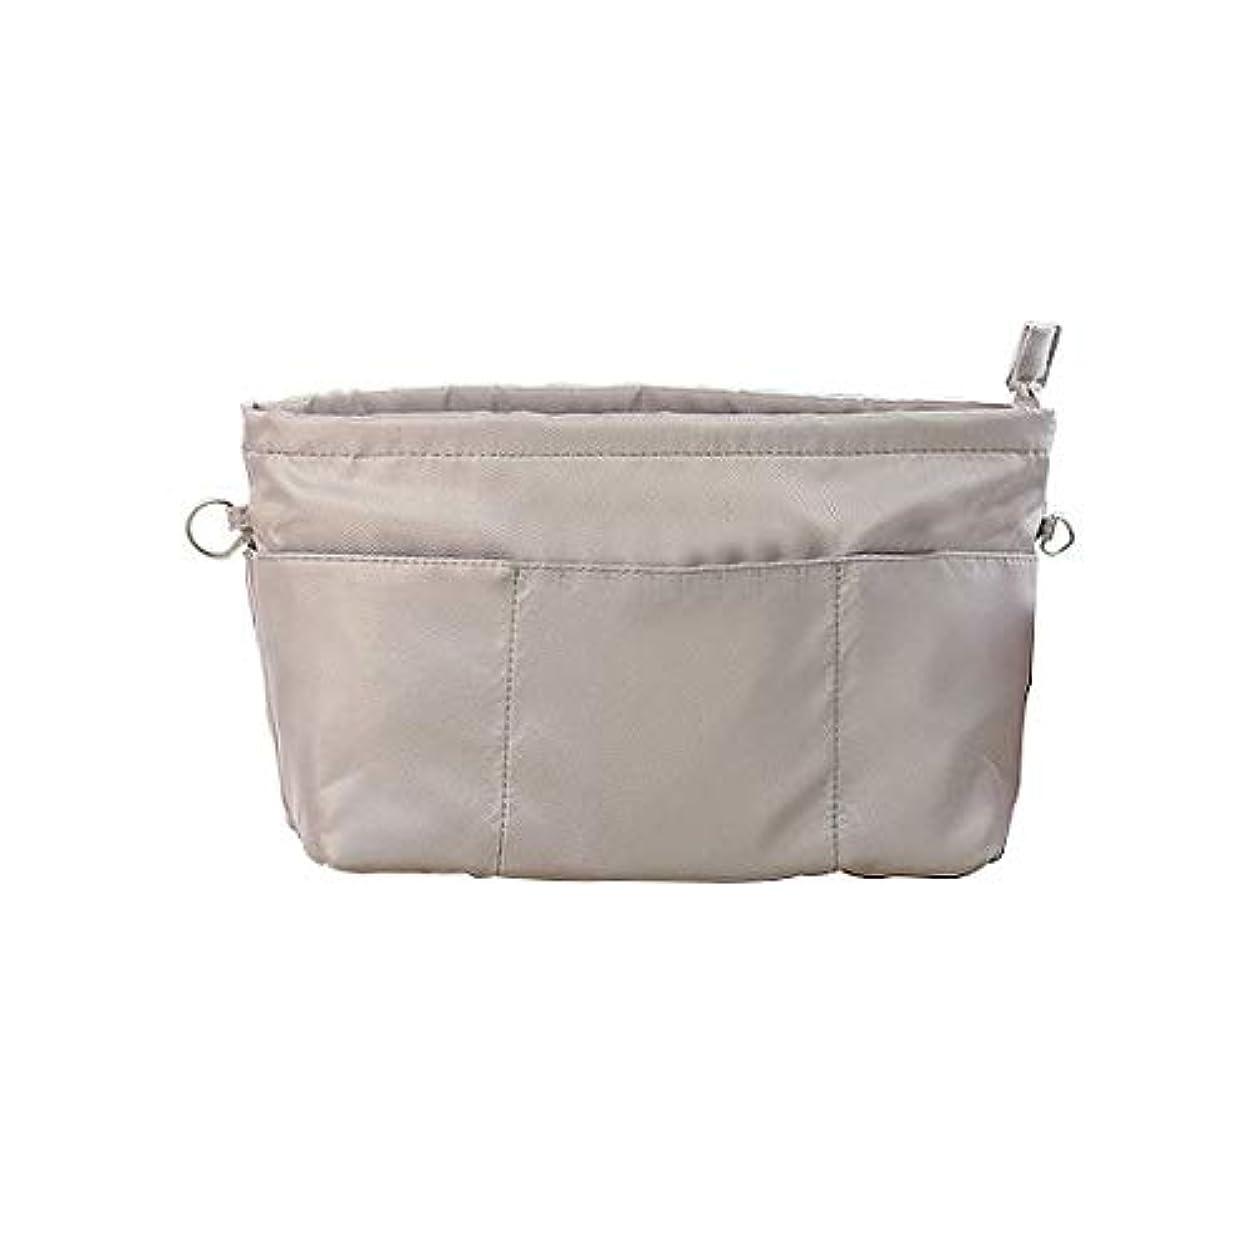 ぬれたそこから流行しているSurui バッグインバッグ インナーバッグ 収納ホルダー バッグ イン バッグ レディース 収納ポーチ 多機能 ホルダー 化粧ポーチ ハンドバッグ 女性 おしゃれ 収納 化粧品バッグ 化粧ホルダー 大容量 XS